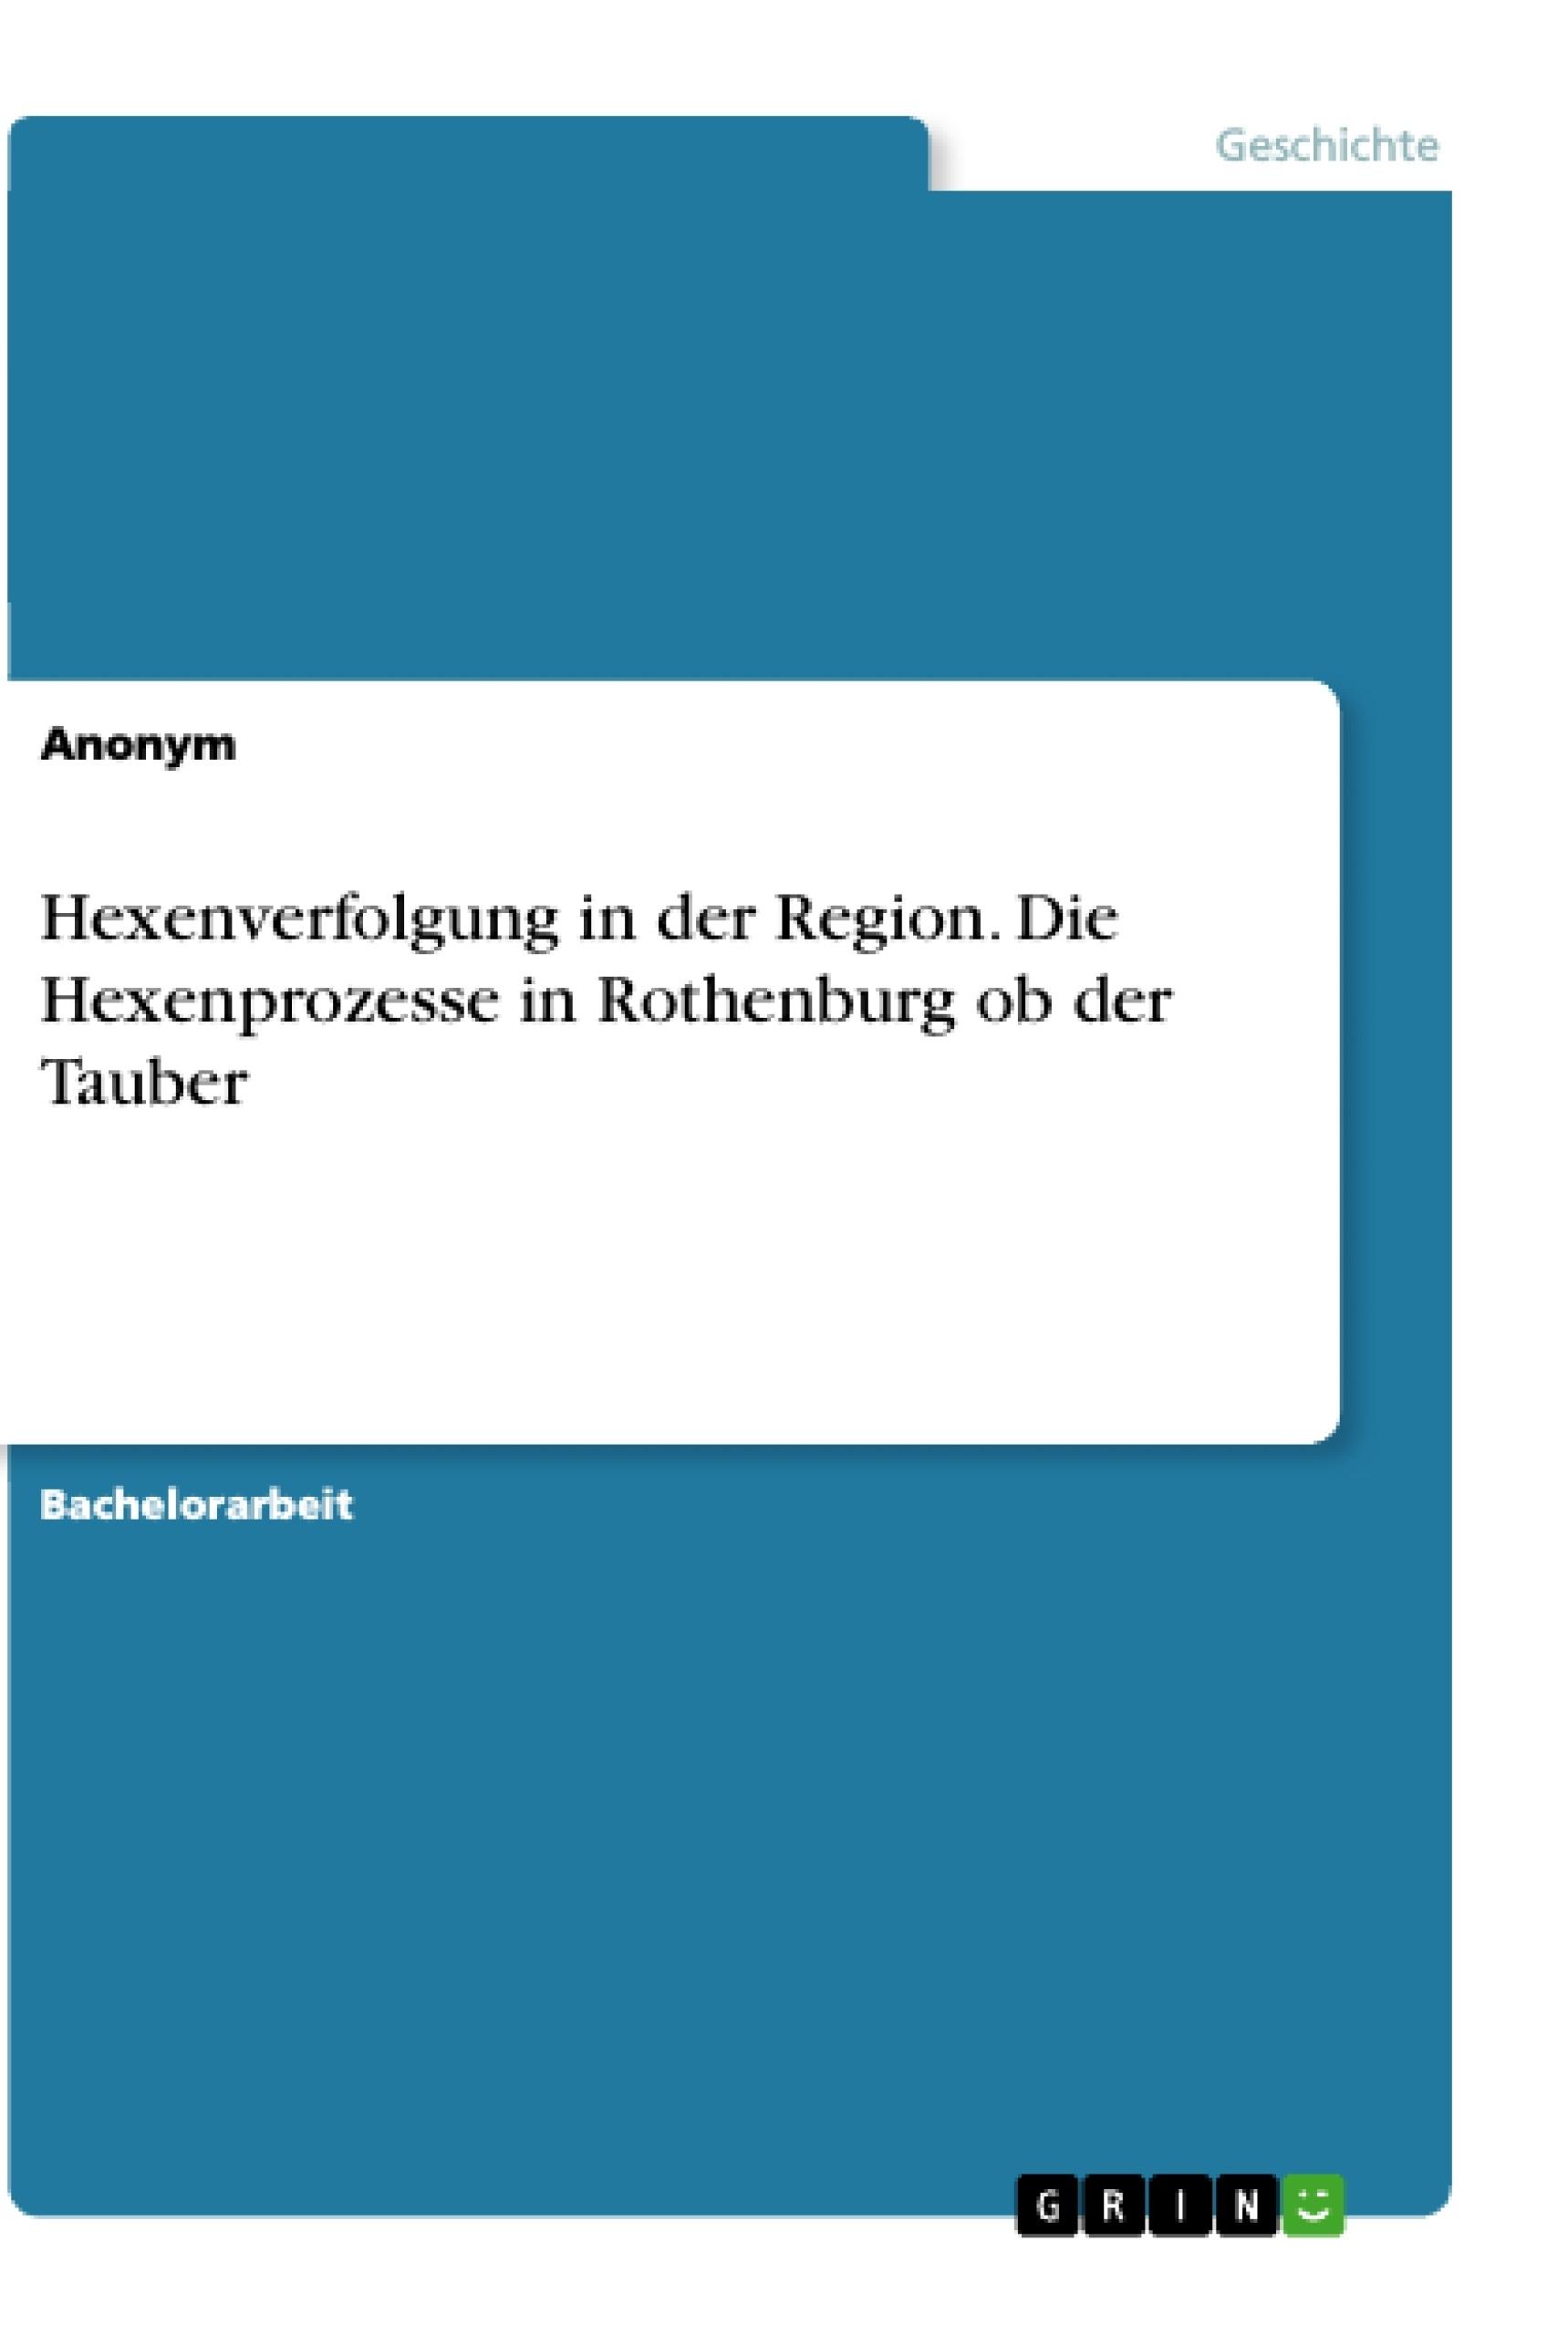 Titel: Hexenverfolgung in der Region. Die Hexenprozesse in Rothenburg ob der Tauber